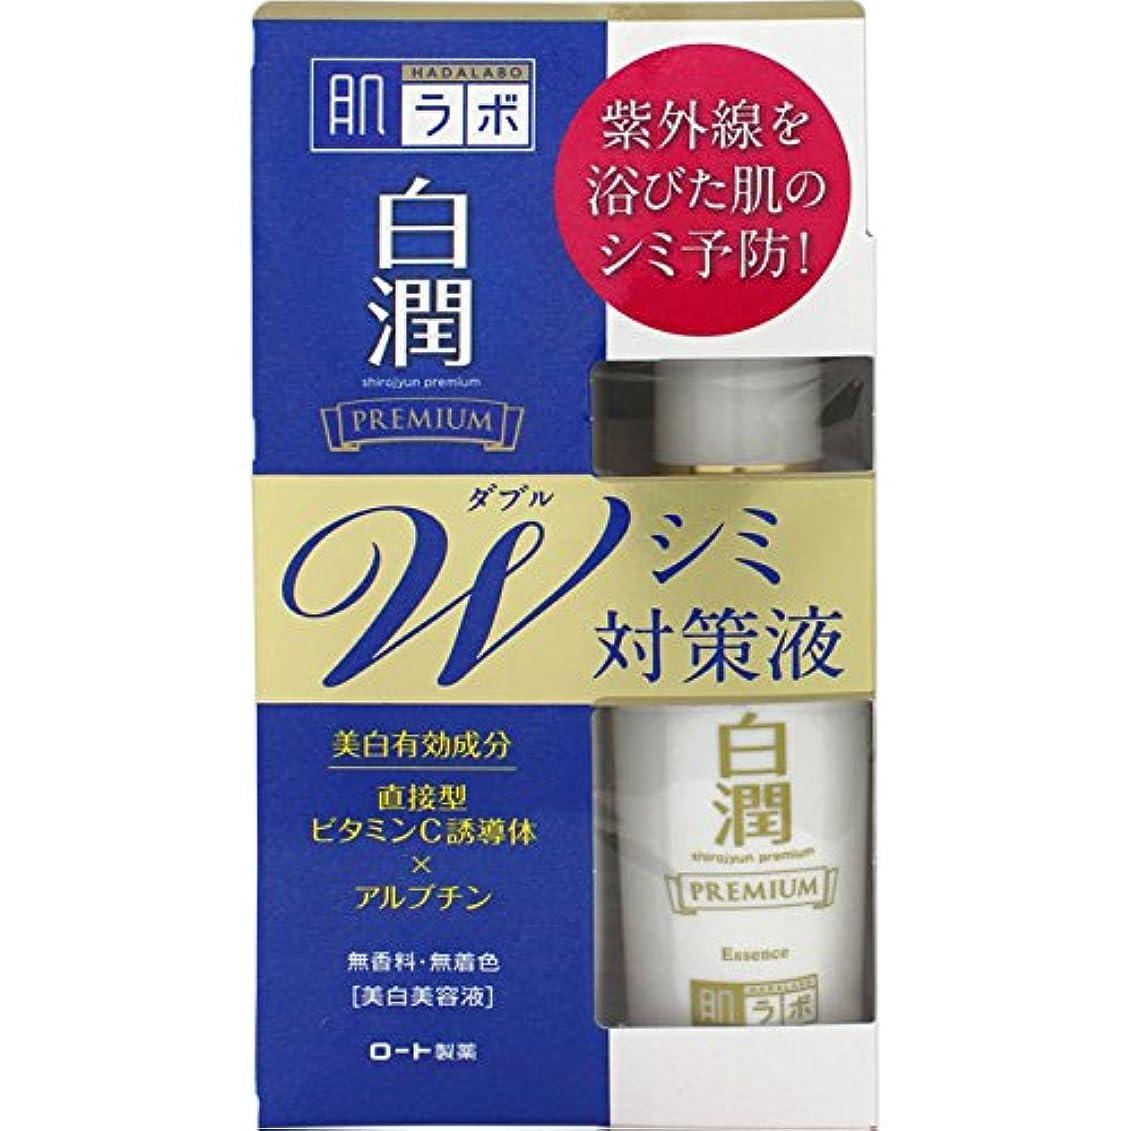 女将強調パズル【医薬部外品】肌ラボ 白潤 プレミアムW美白美容液 シミ予防 美白有効成分高純度ビタミンC×アルブチン配合 40mL